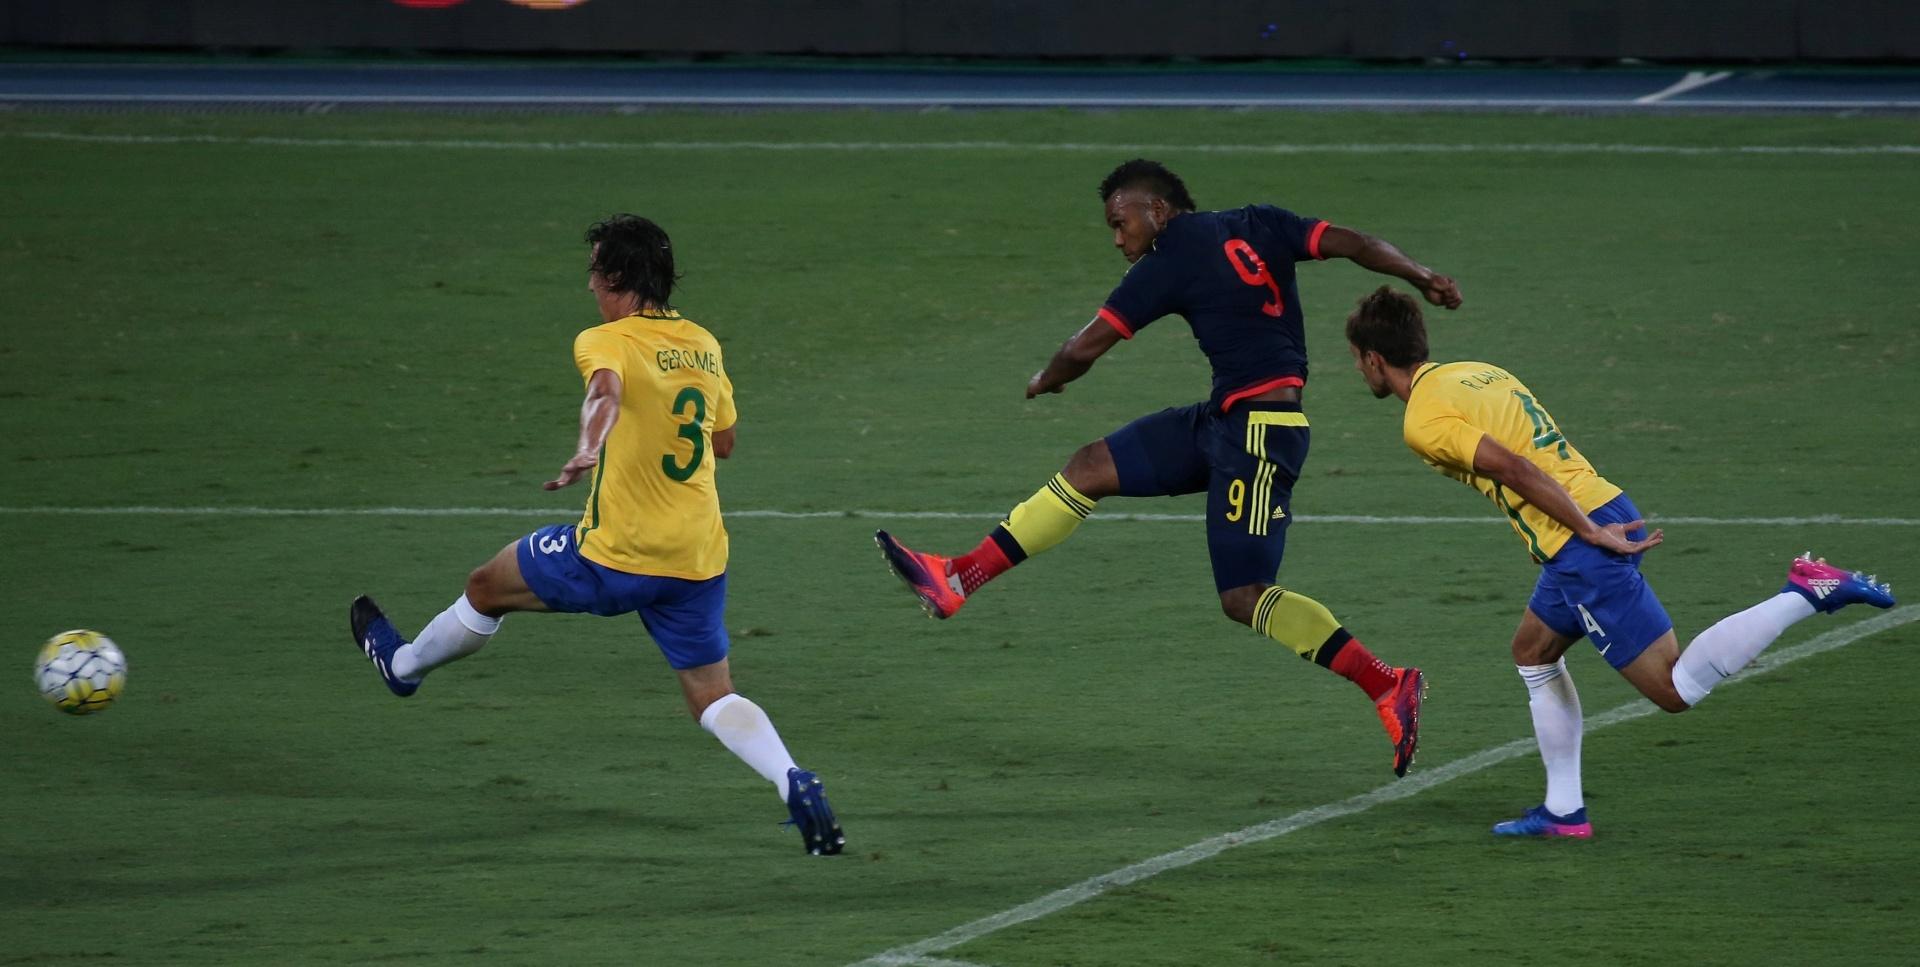 Borja, pretendido por times brasileiros, finaliza contra o gol de Weverton